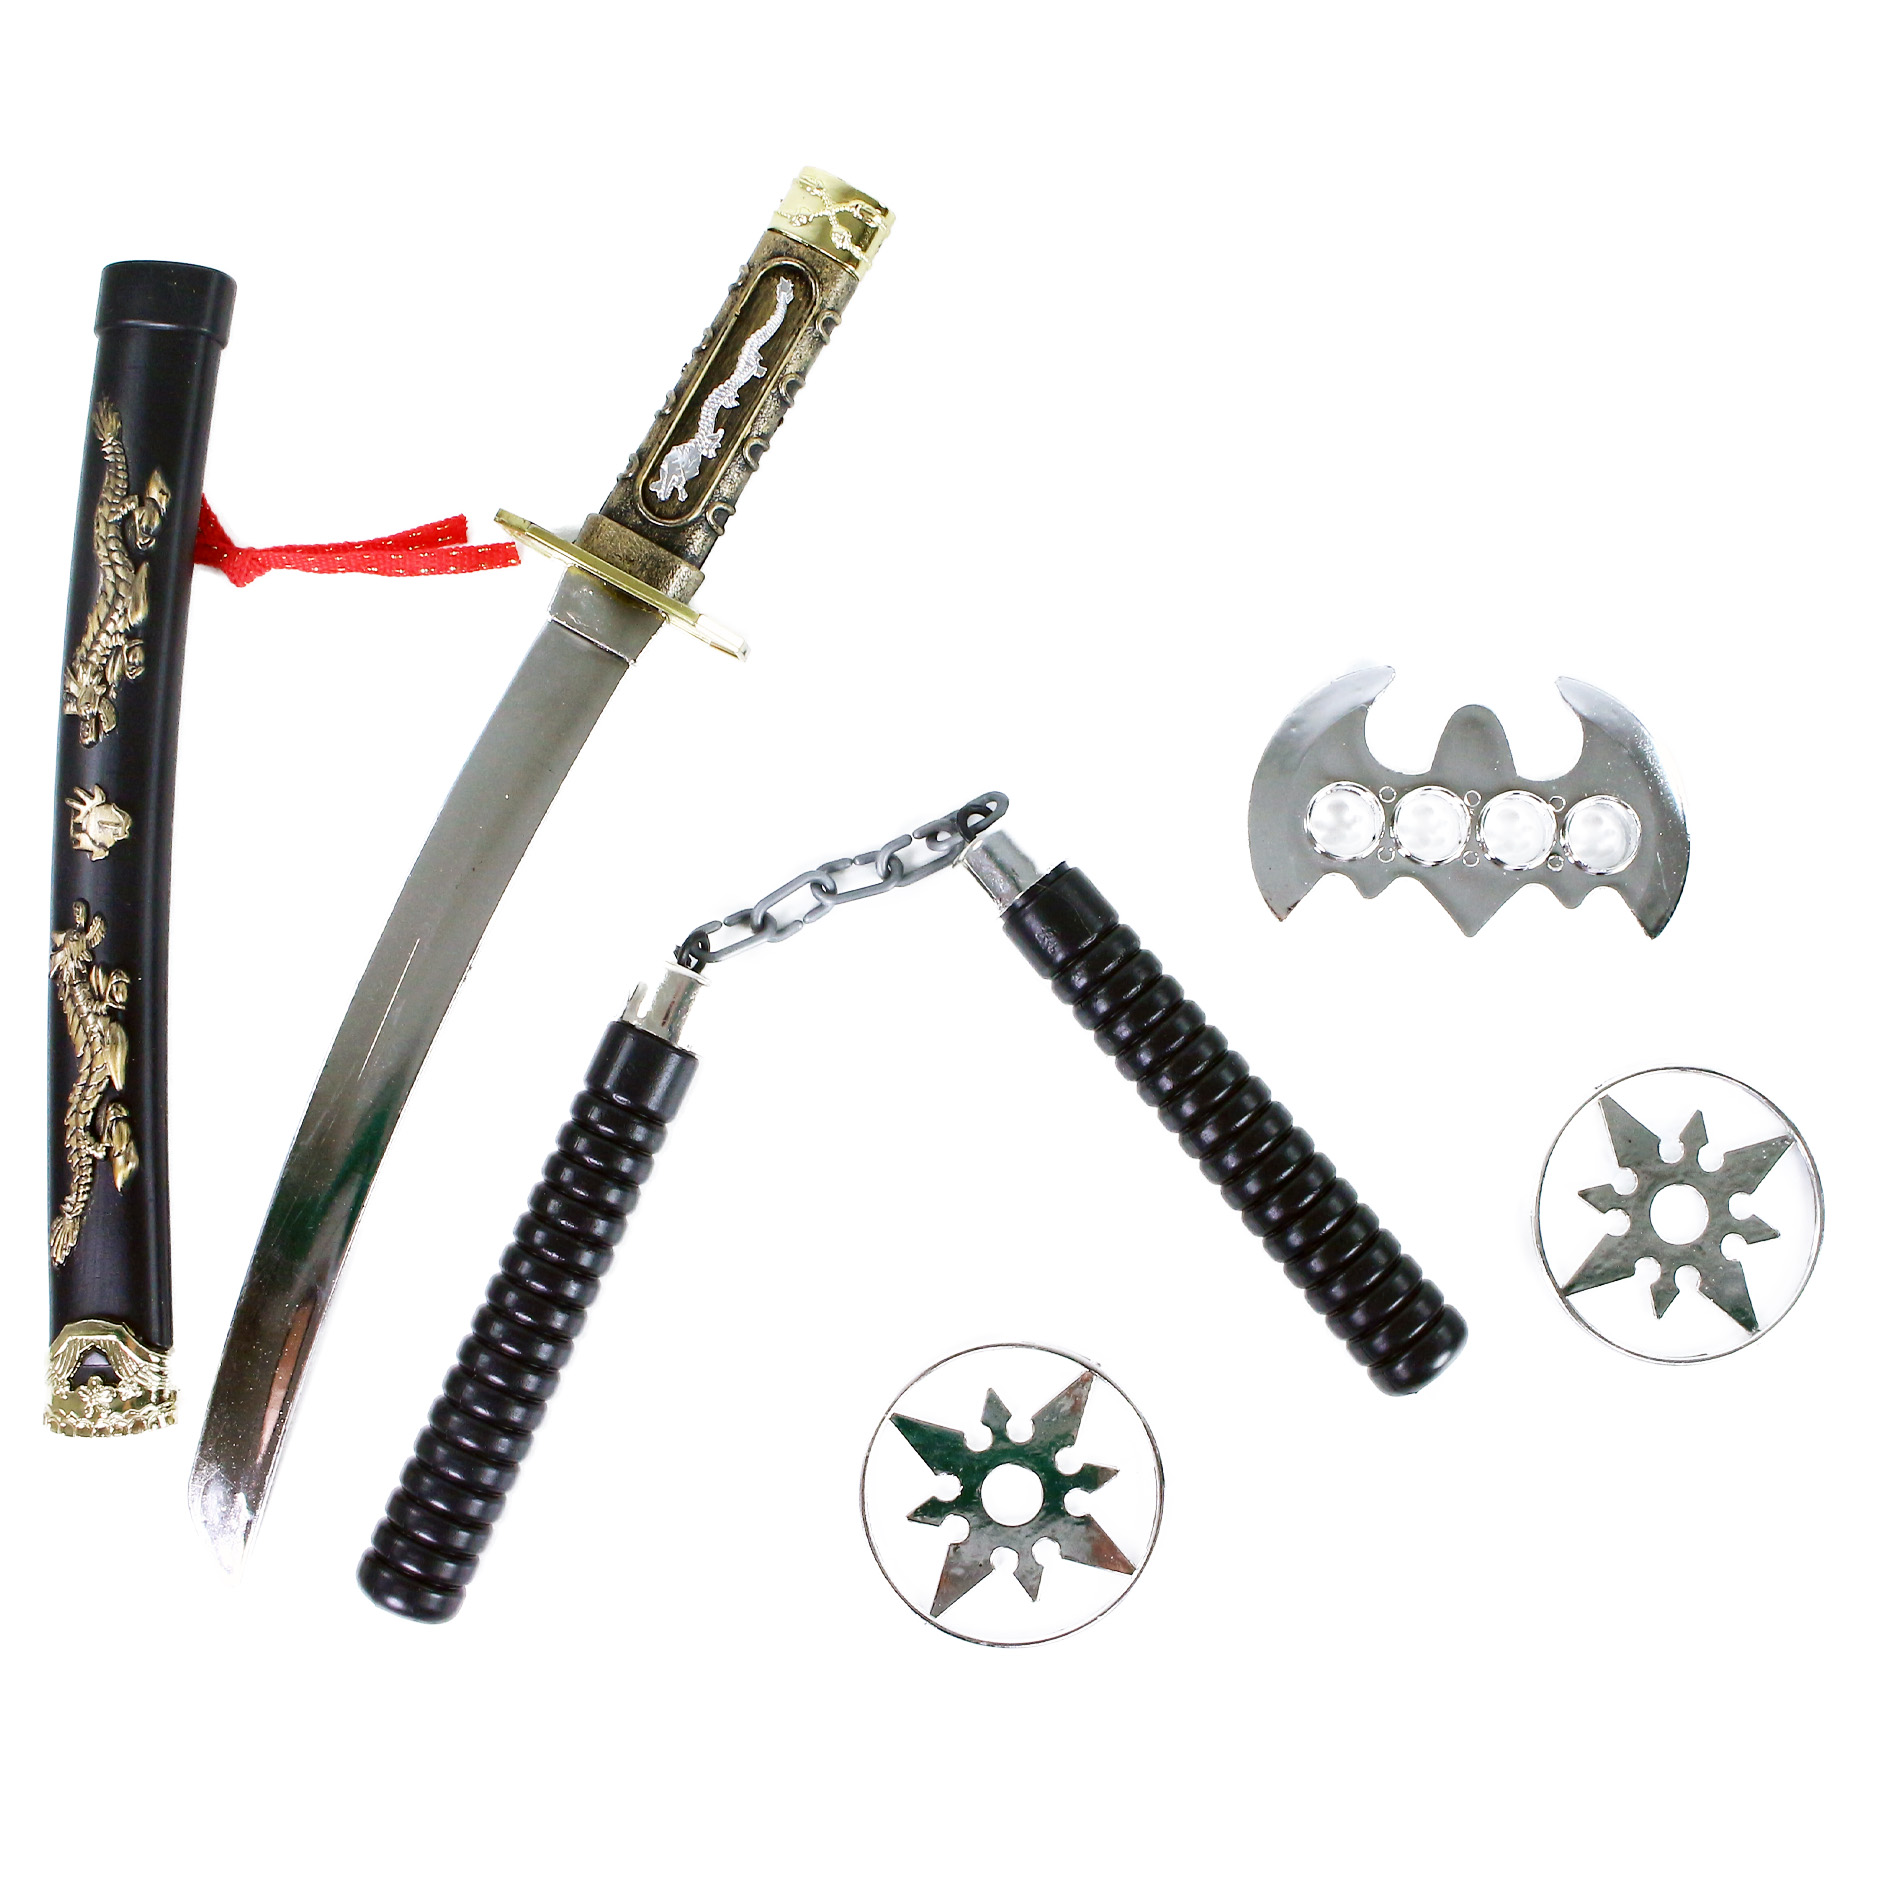 meč japonský katana s príslušenstvom, súprava 5 ks